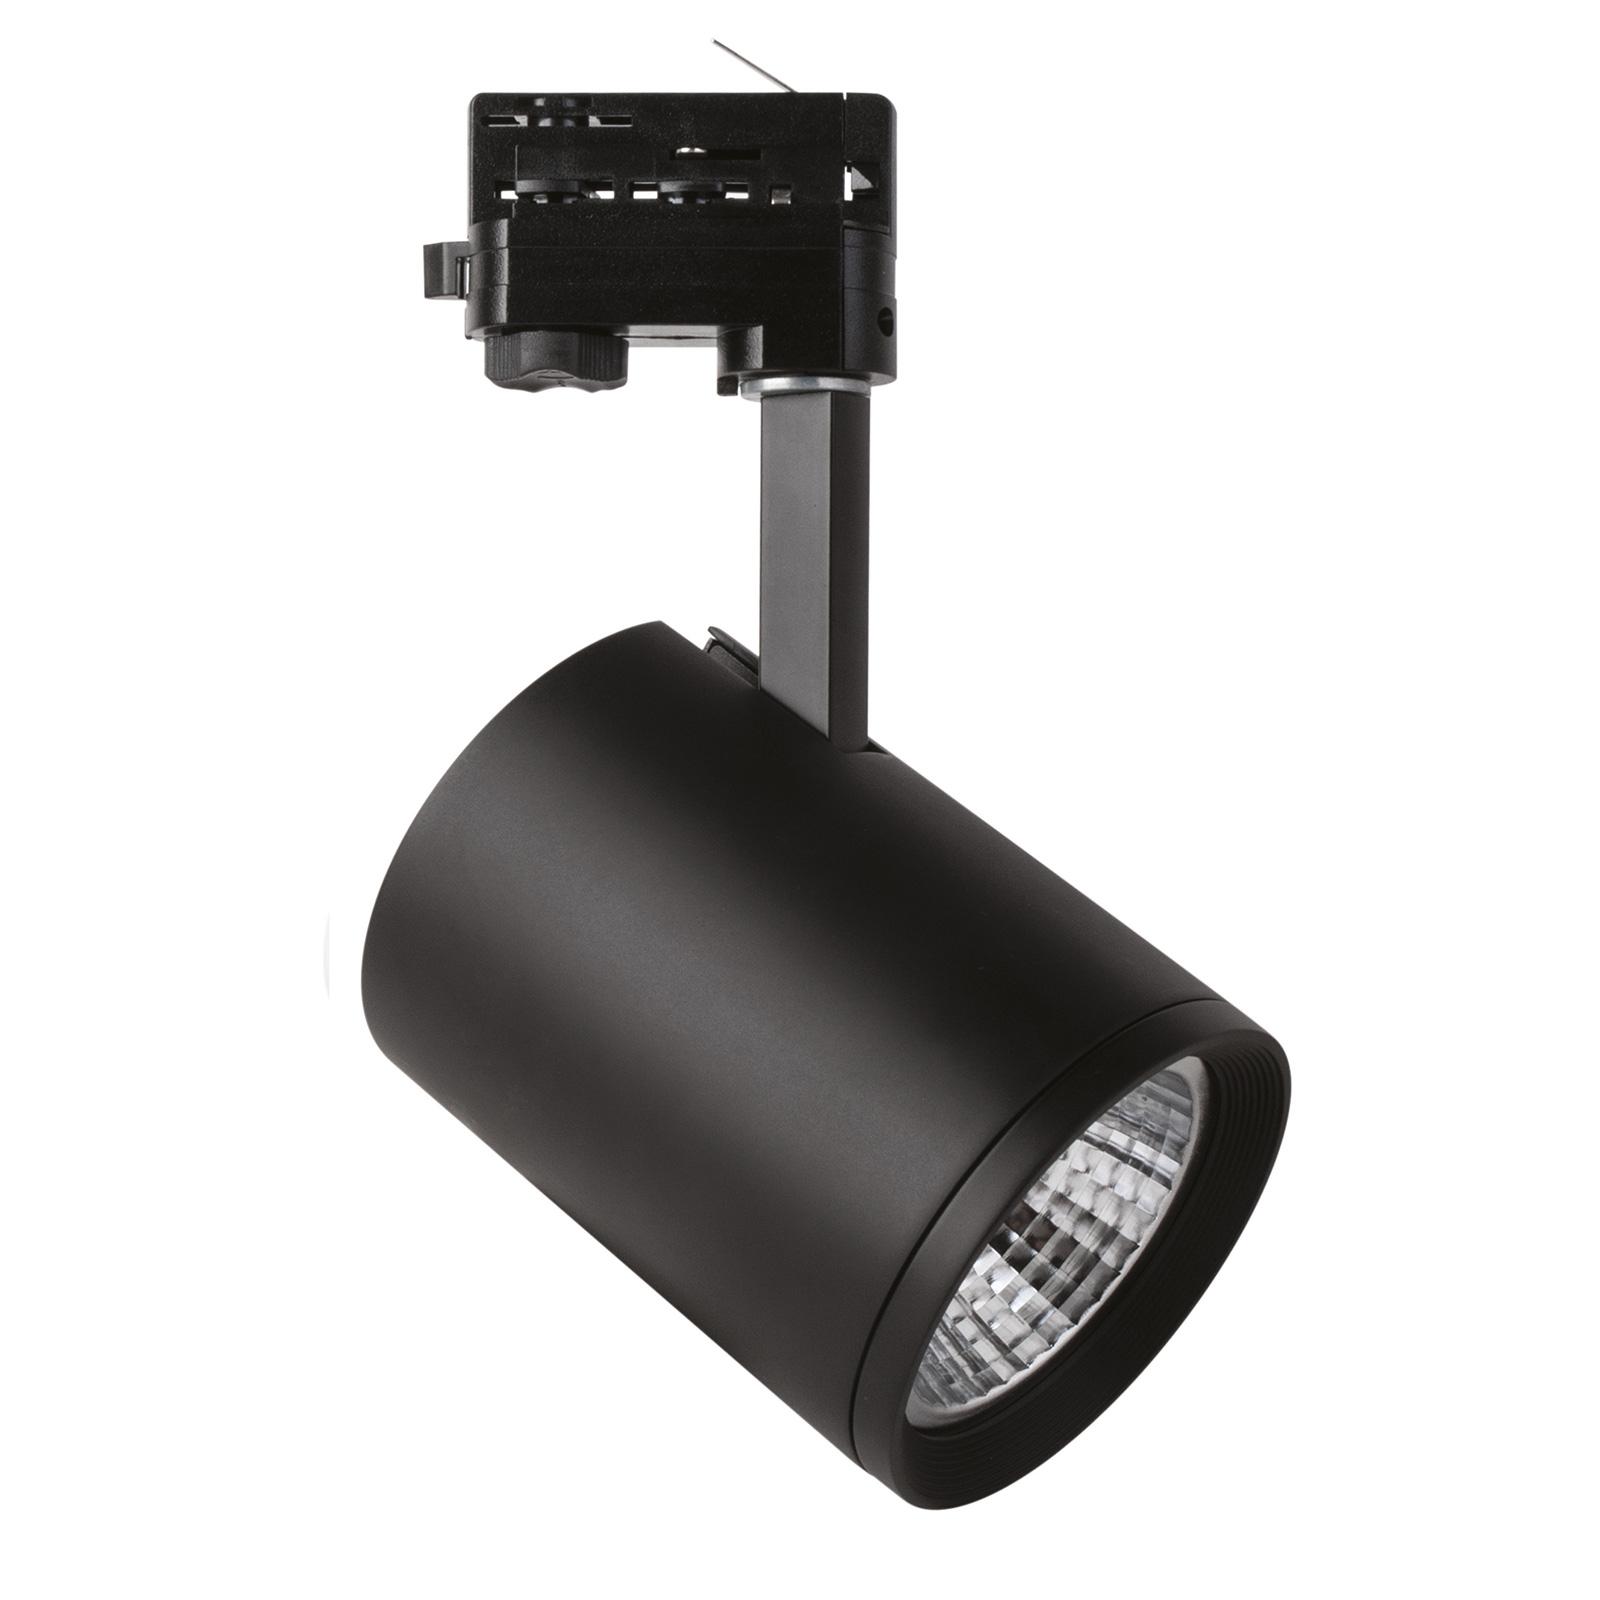 LED-spotti Marco 3-vaihekiskoon, musta 3 000 K